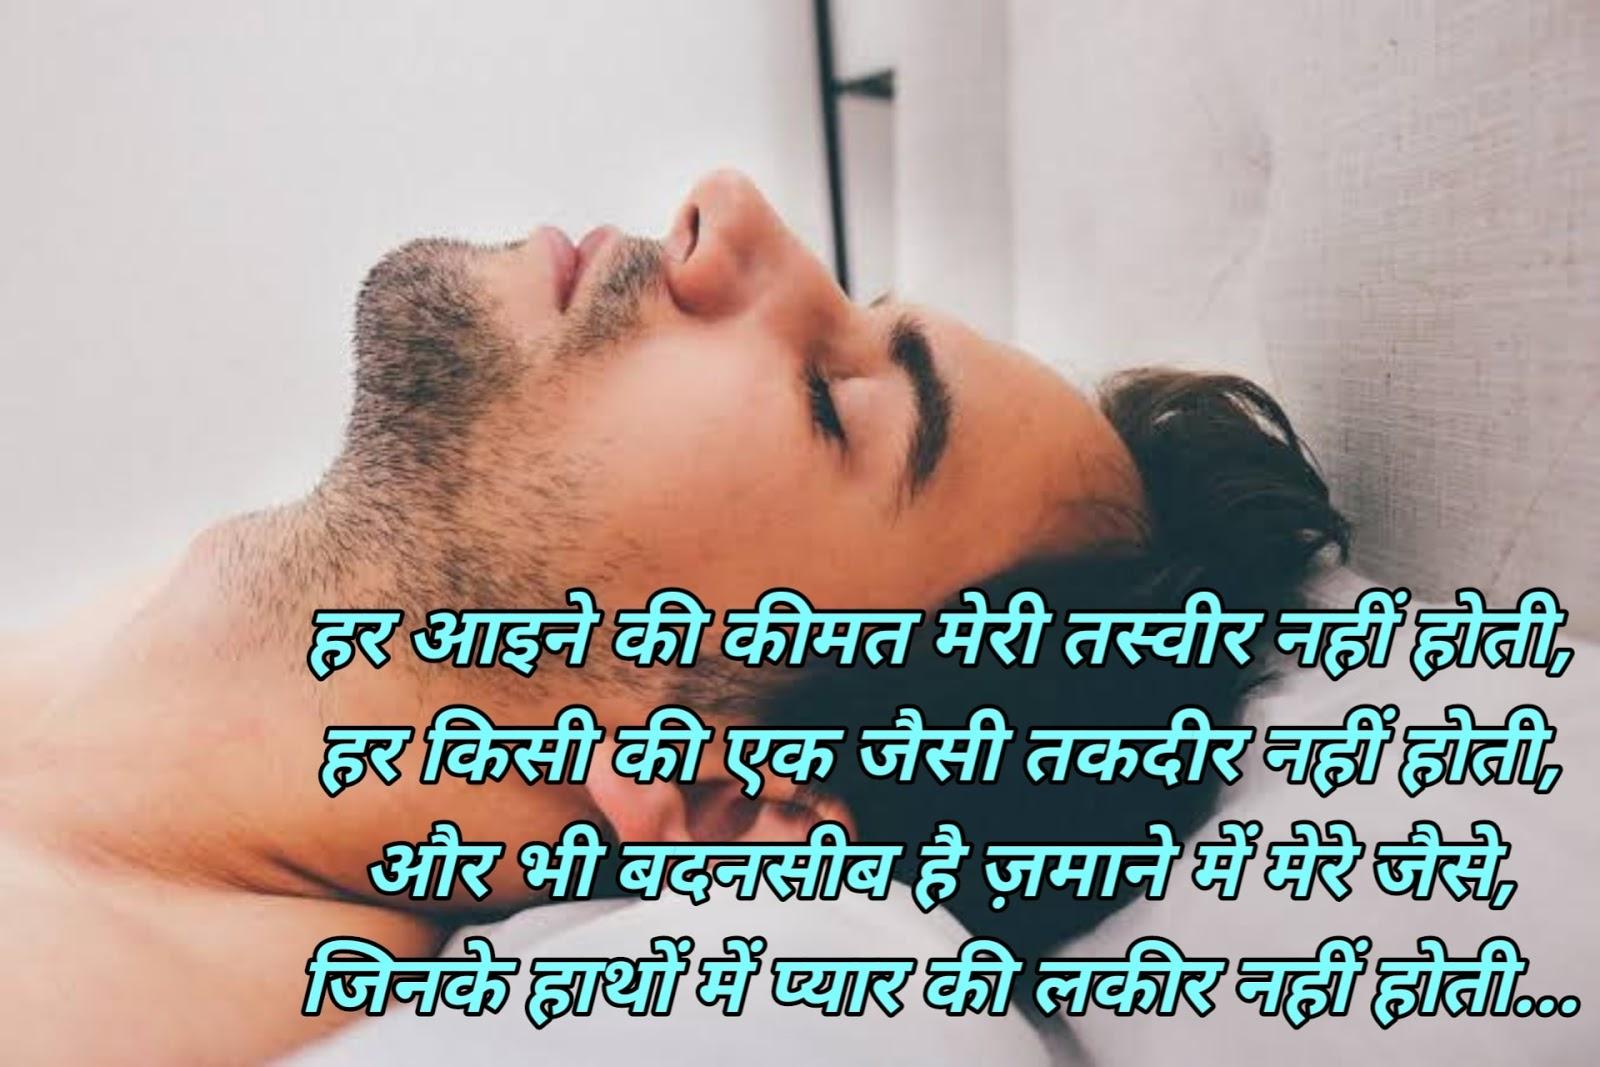 Sad shayari hd images